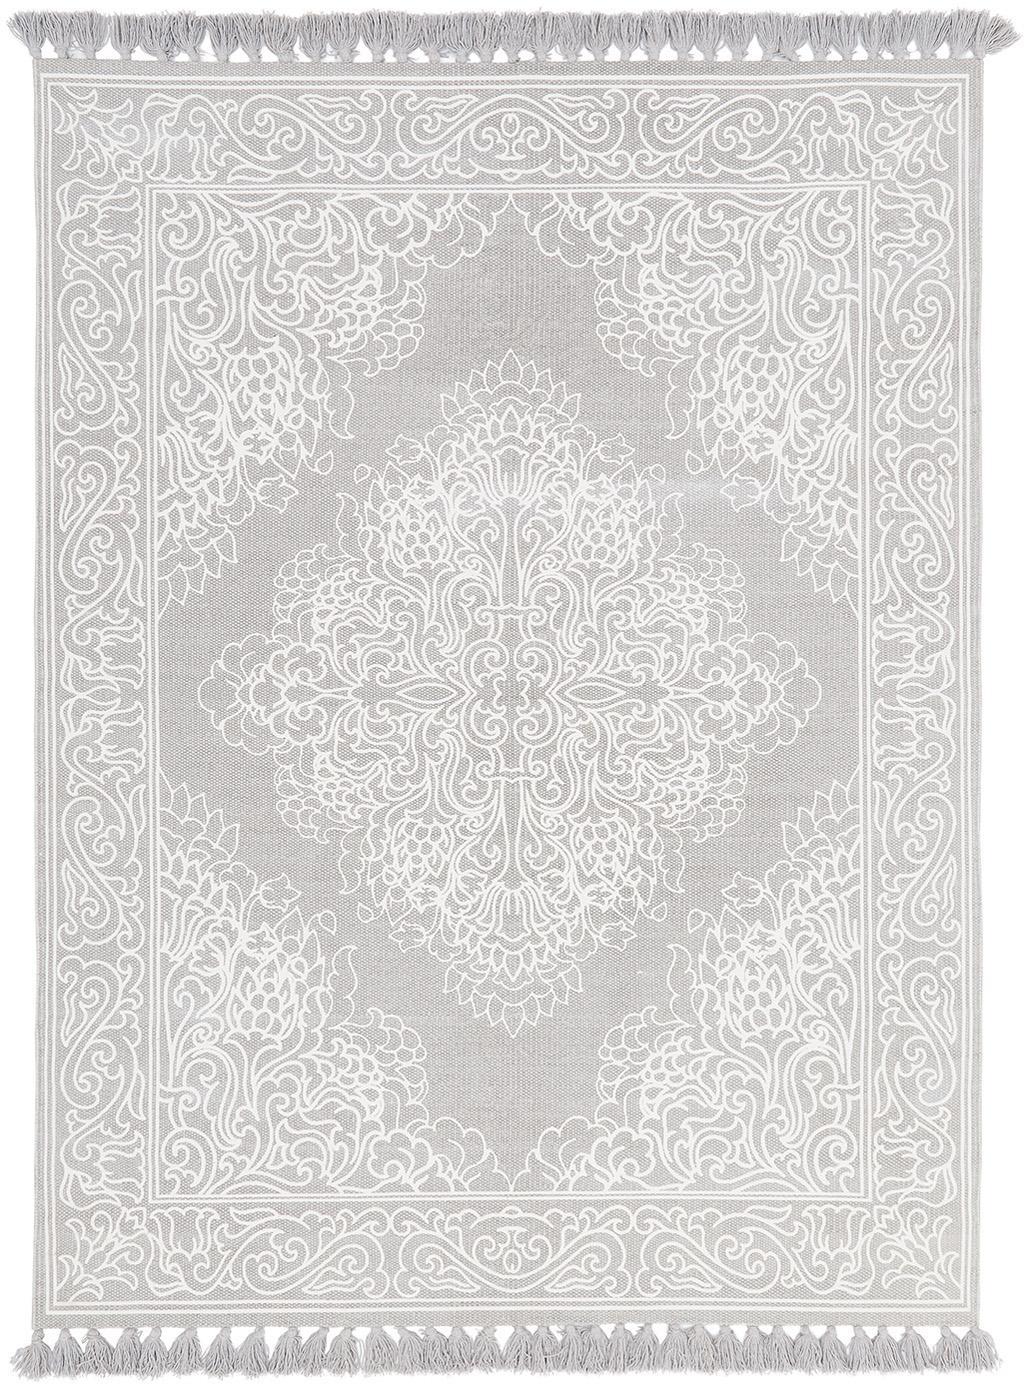 Tappeto in cotone tessuto a mano Salima, 100% cotone, Grigio chiaro, bianco crema, Larg. 160 x Lung. 230 cm (taglia M)